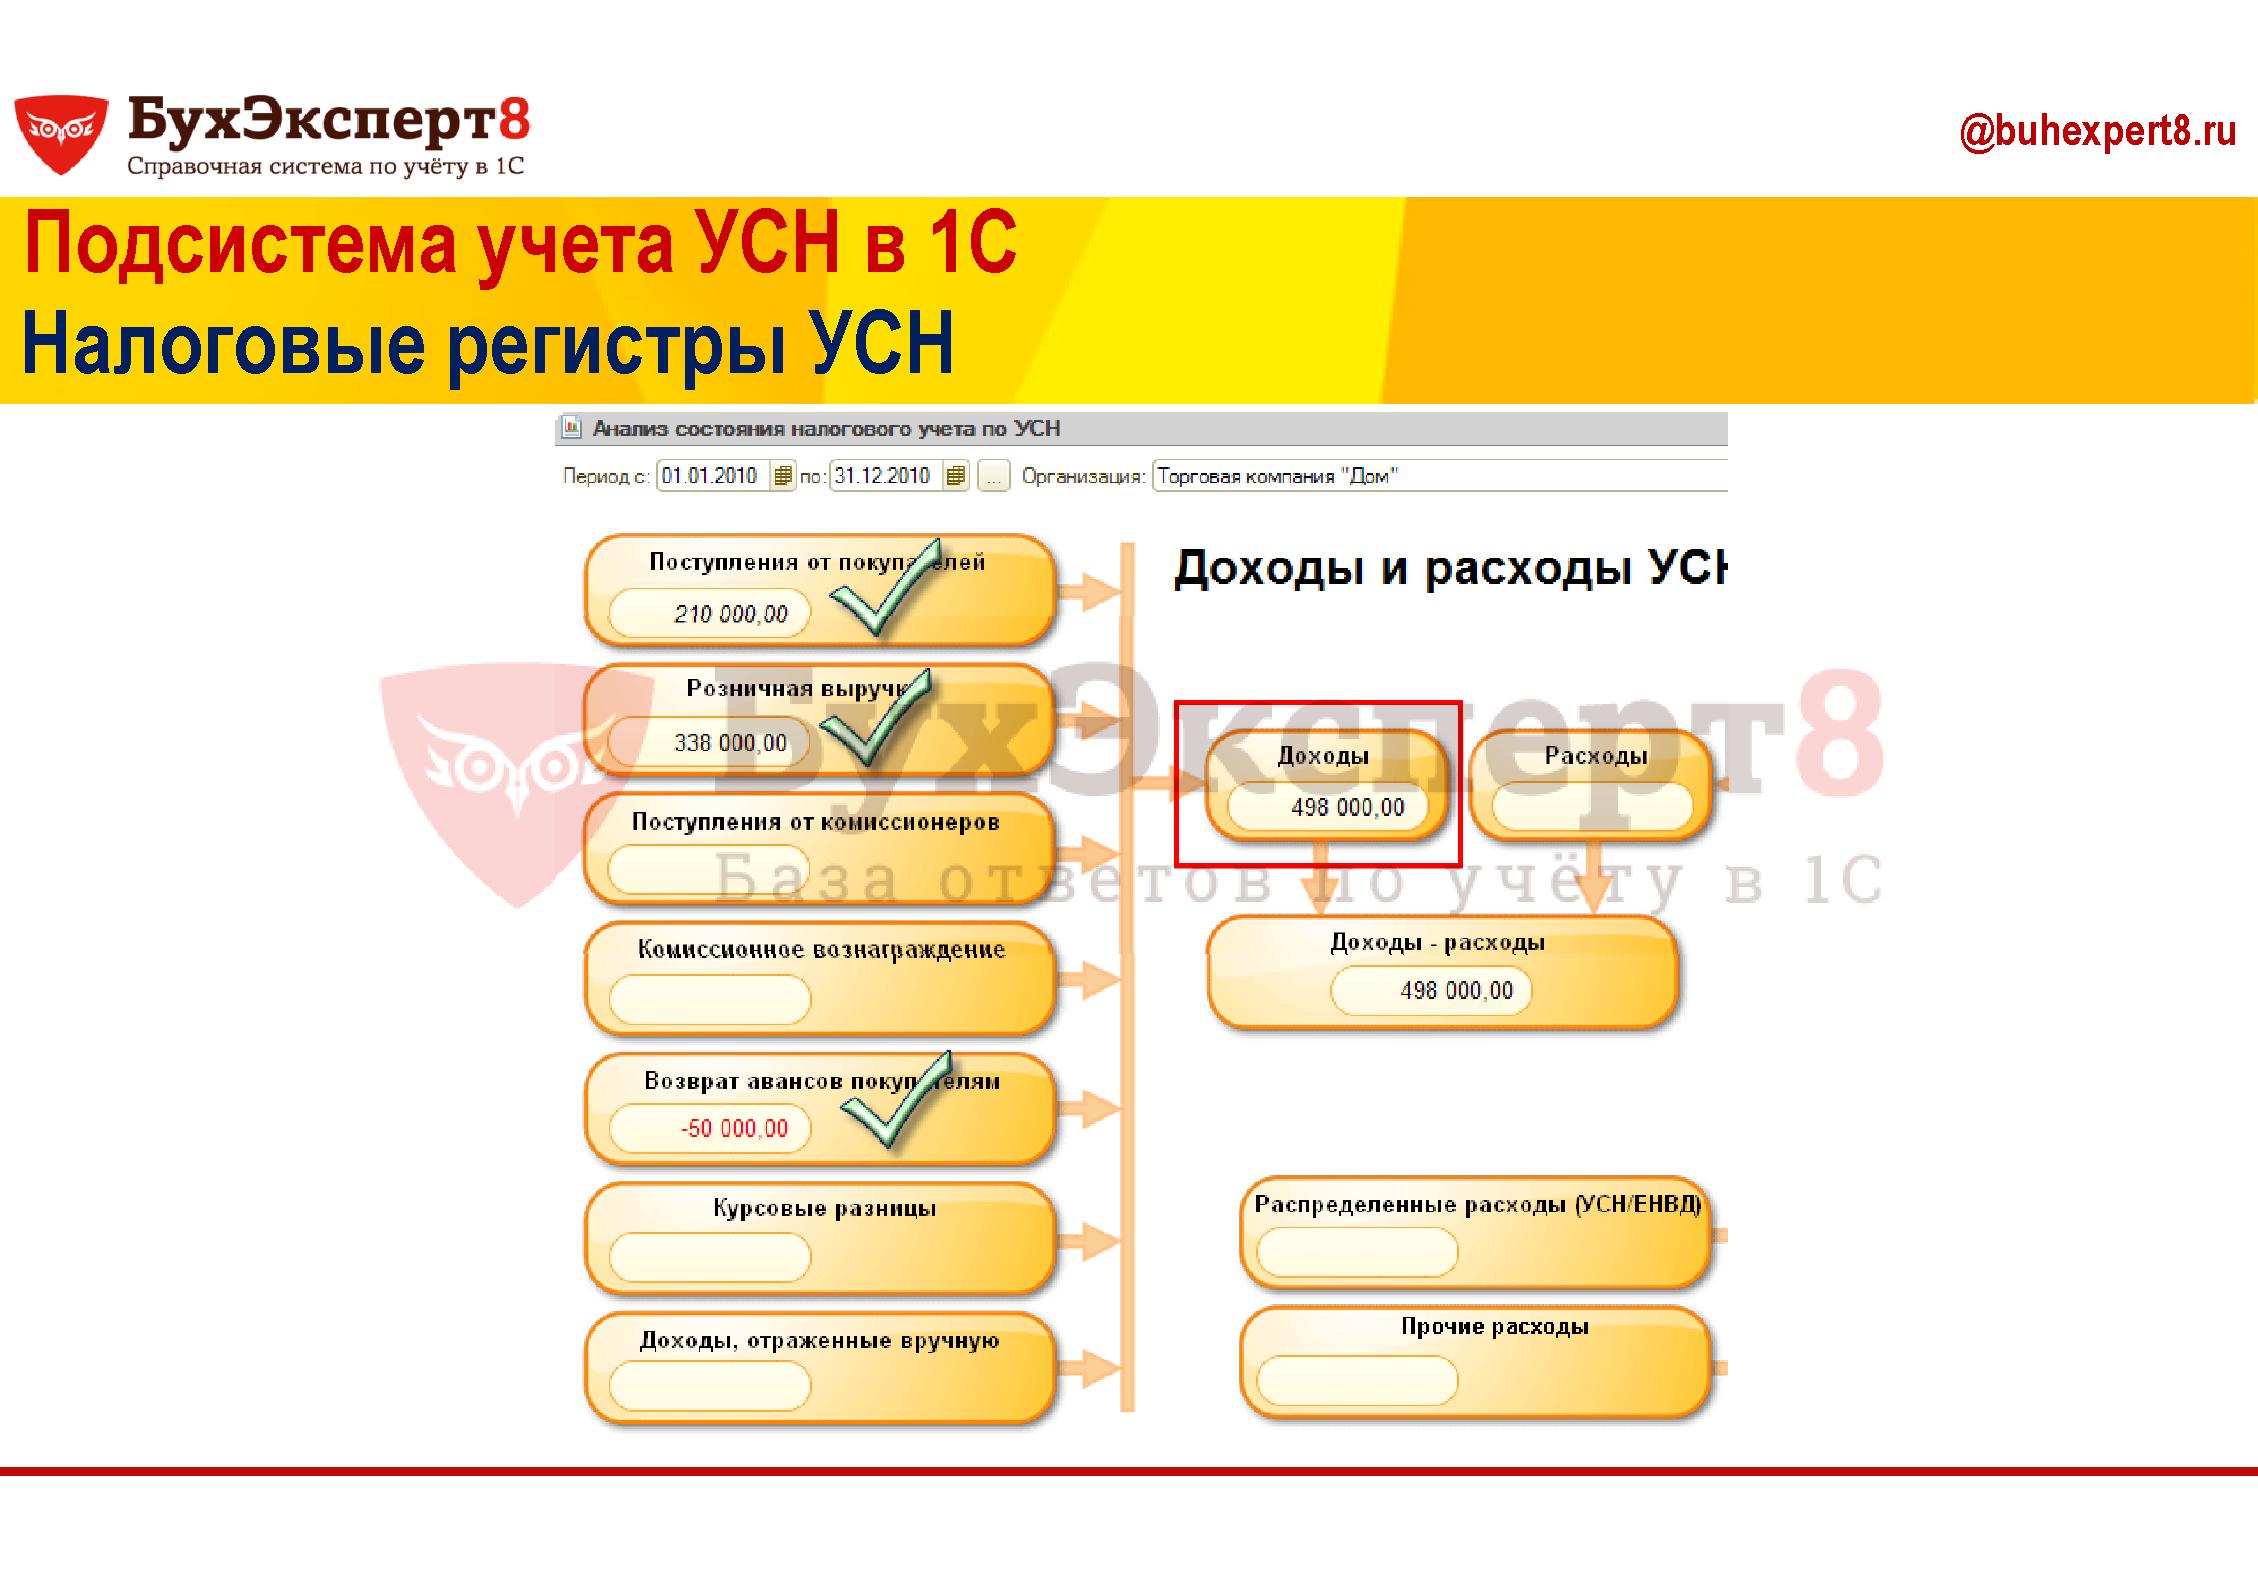 Подсистема учета УСН в 1С Налоговые регистры УСН